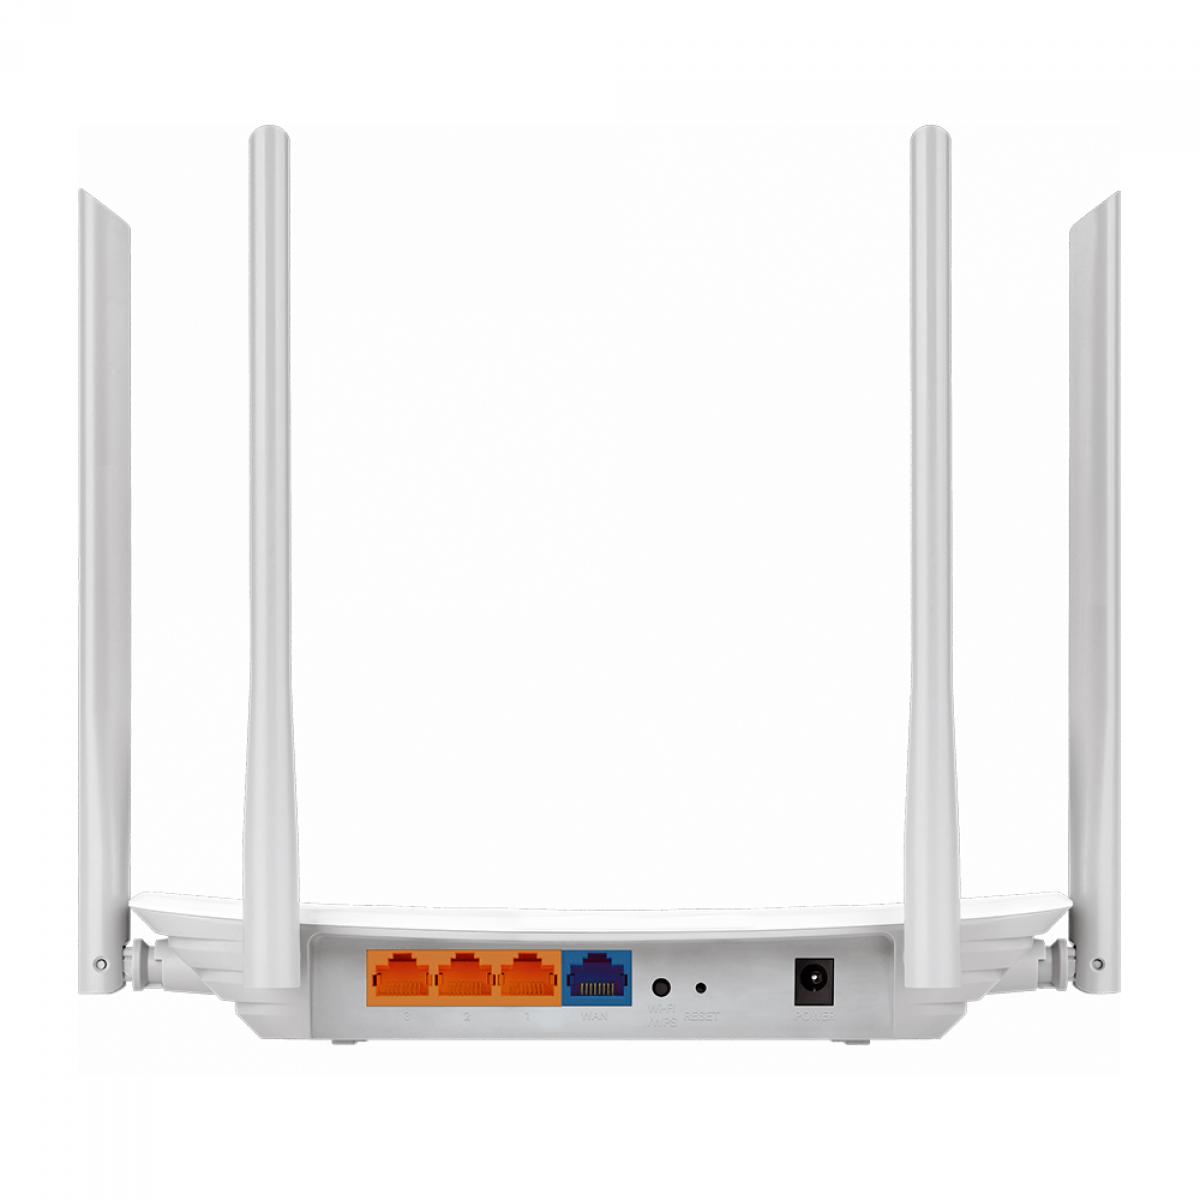 Roteador TP-LINK Wireless EC220-G5, Dual Band, AC1200, EC220-G5